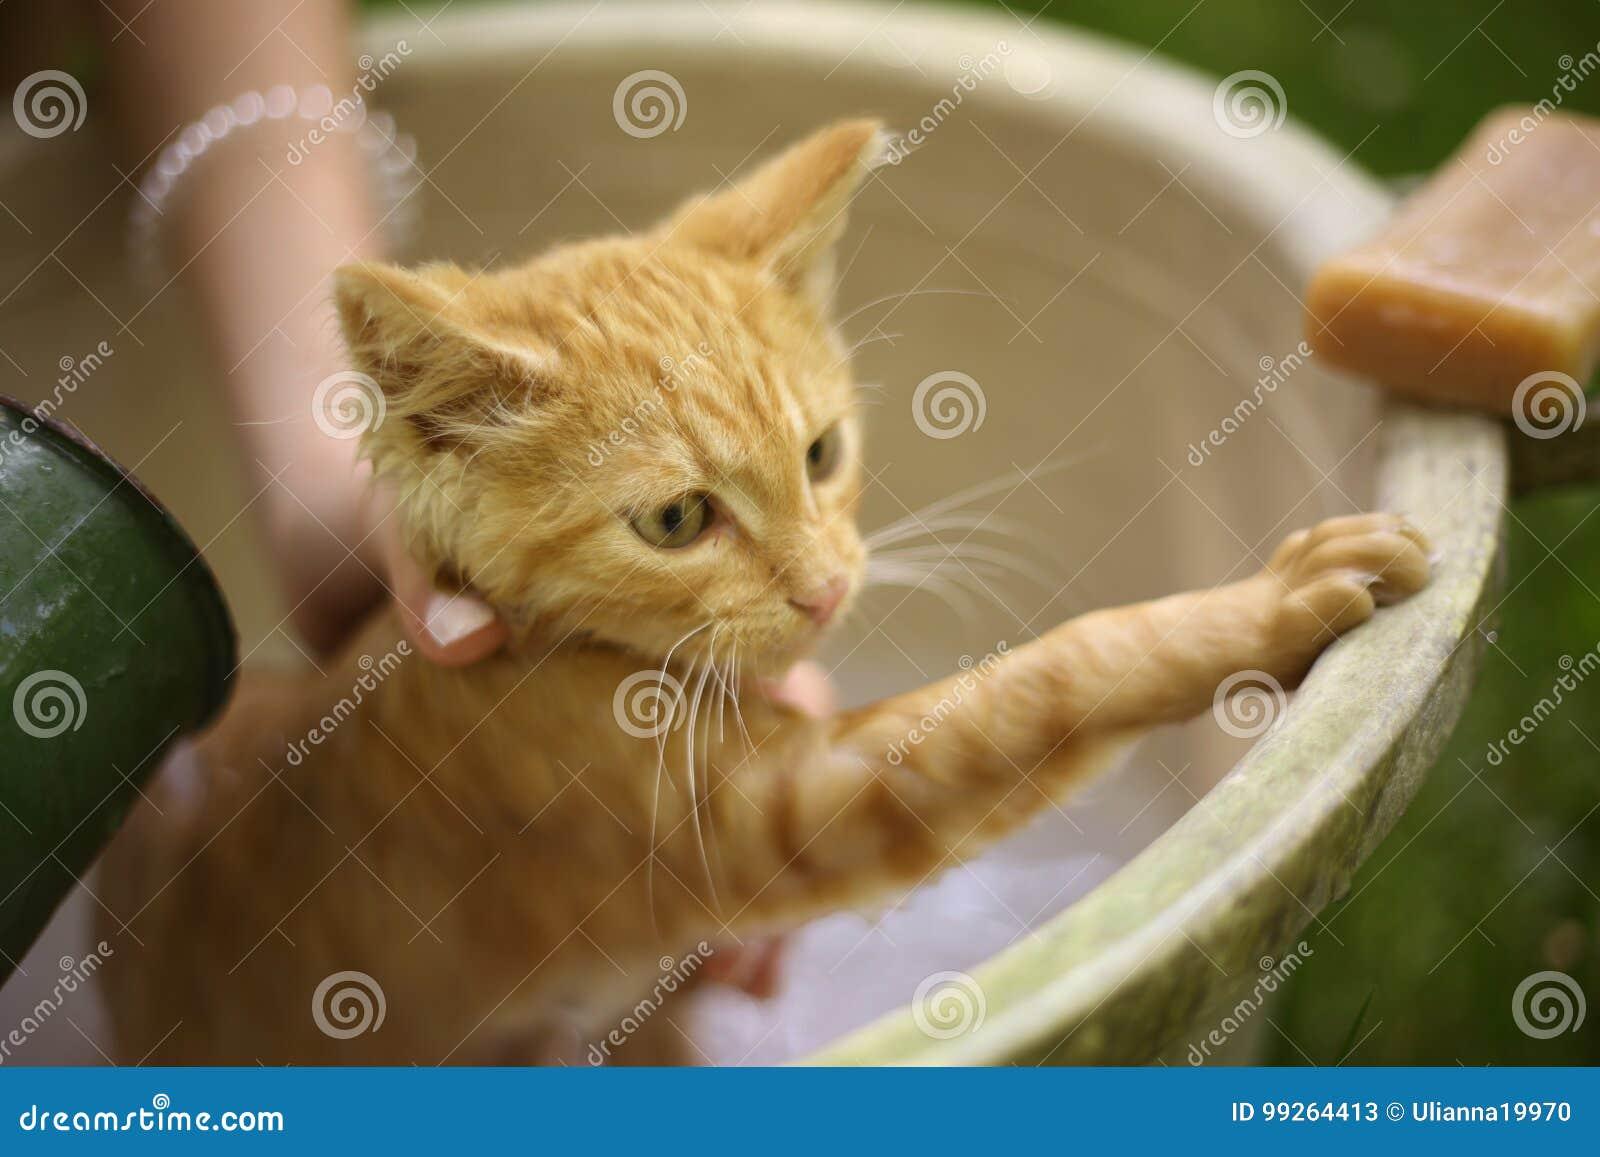 Vara röd våt kattunge för hår lite wash i mänskliga händer